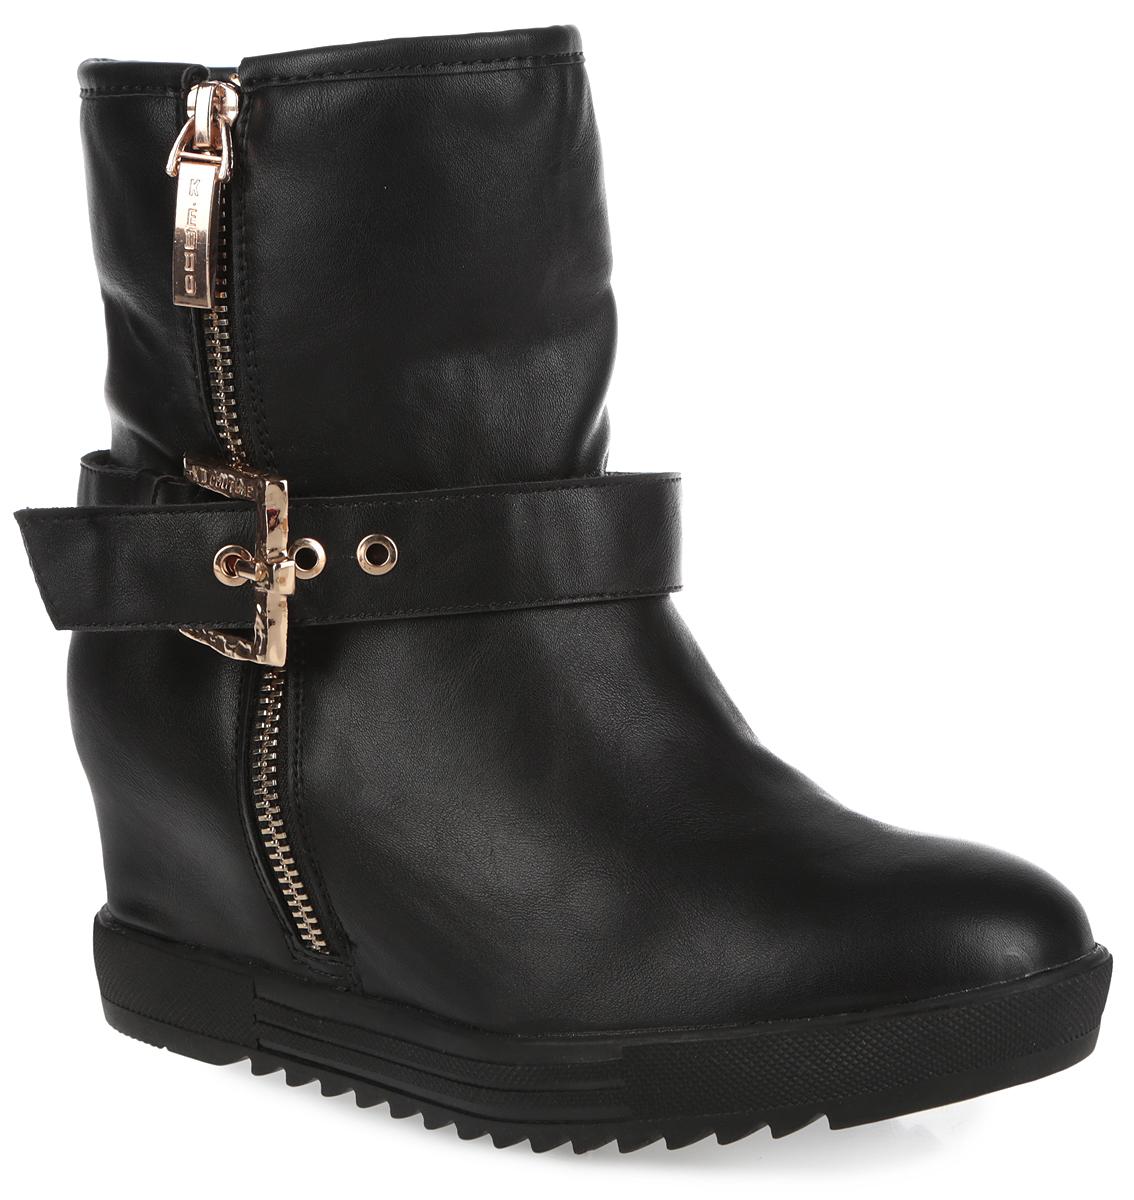 Ботинки для девочки. 558131/08558131/08-07Стильные ботинки Keddo займут достойное место в вашем гардеробе. Модель выполнена из искусственной кожи и украшена в области голенища ремешком с металлической пряжкой, регулирующим нужный объем. Подкладка и стелька из натуральной шерсти защитят ноги от холода и обеспечат комфорт. Верх изделия трансформируется в меховой отворот. Ботинки застегиваются на застежку-молнию, расположенную на одной из боковых сторон. Каблук устойчив. Подошва с рельефным протектором обеспечивают отличное сцепление с любой поверхностью. Стильные ботинки придутся по душе вашей малышке!